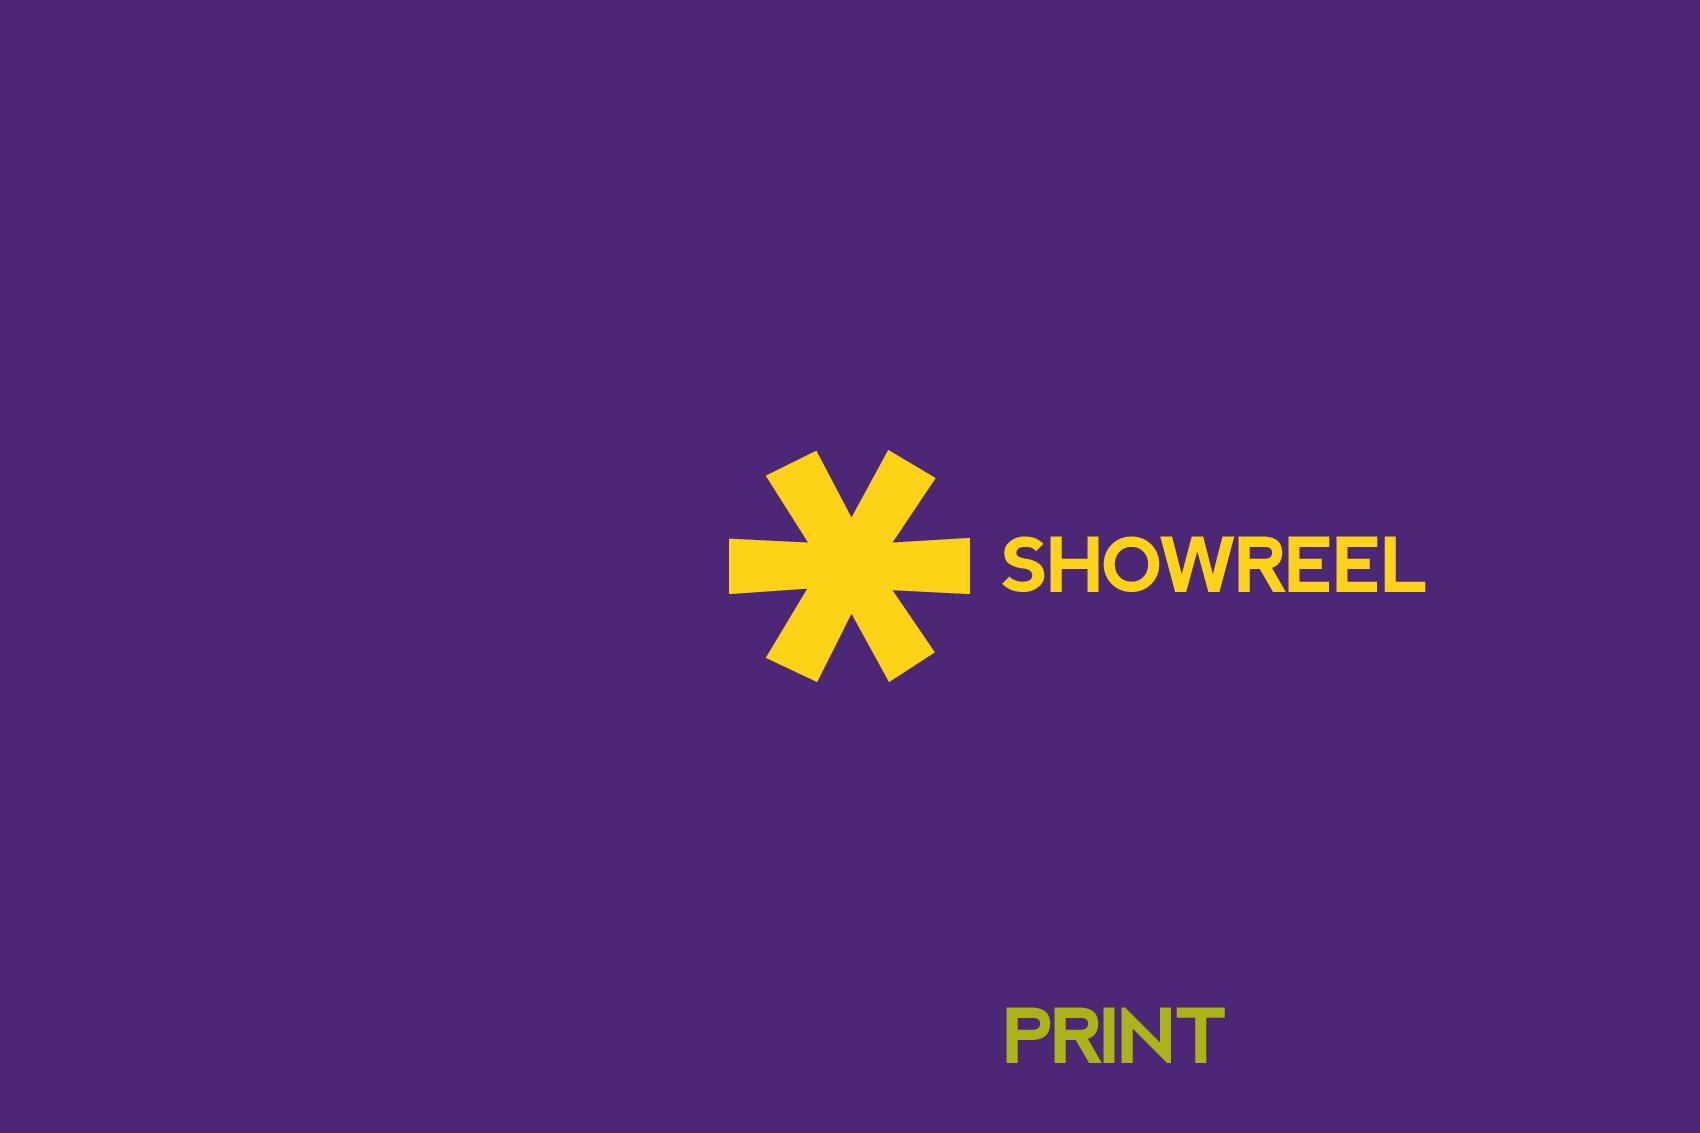 SHOWREEL1